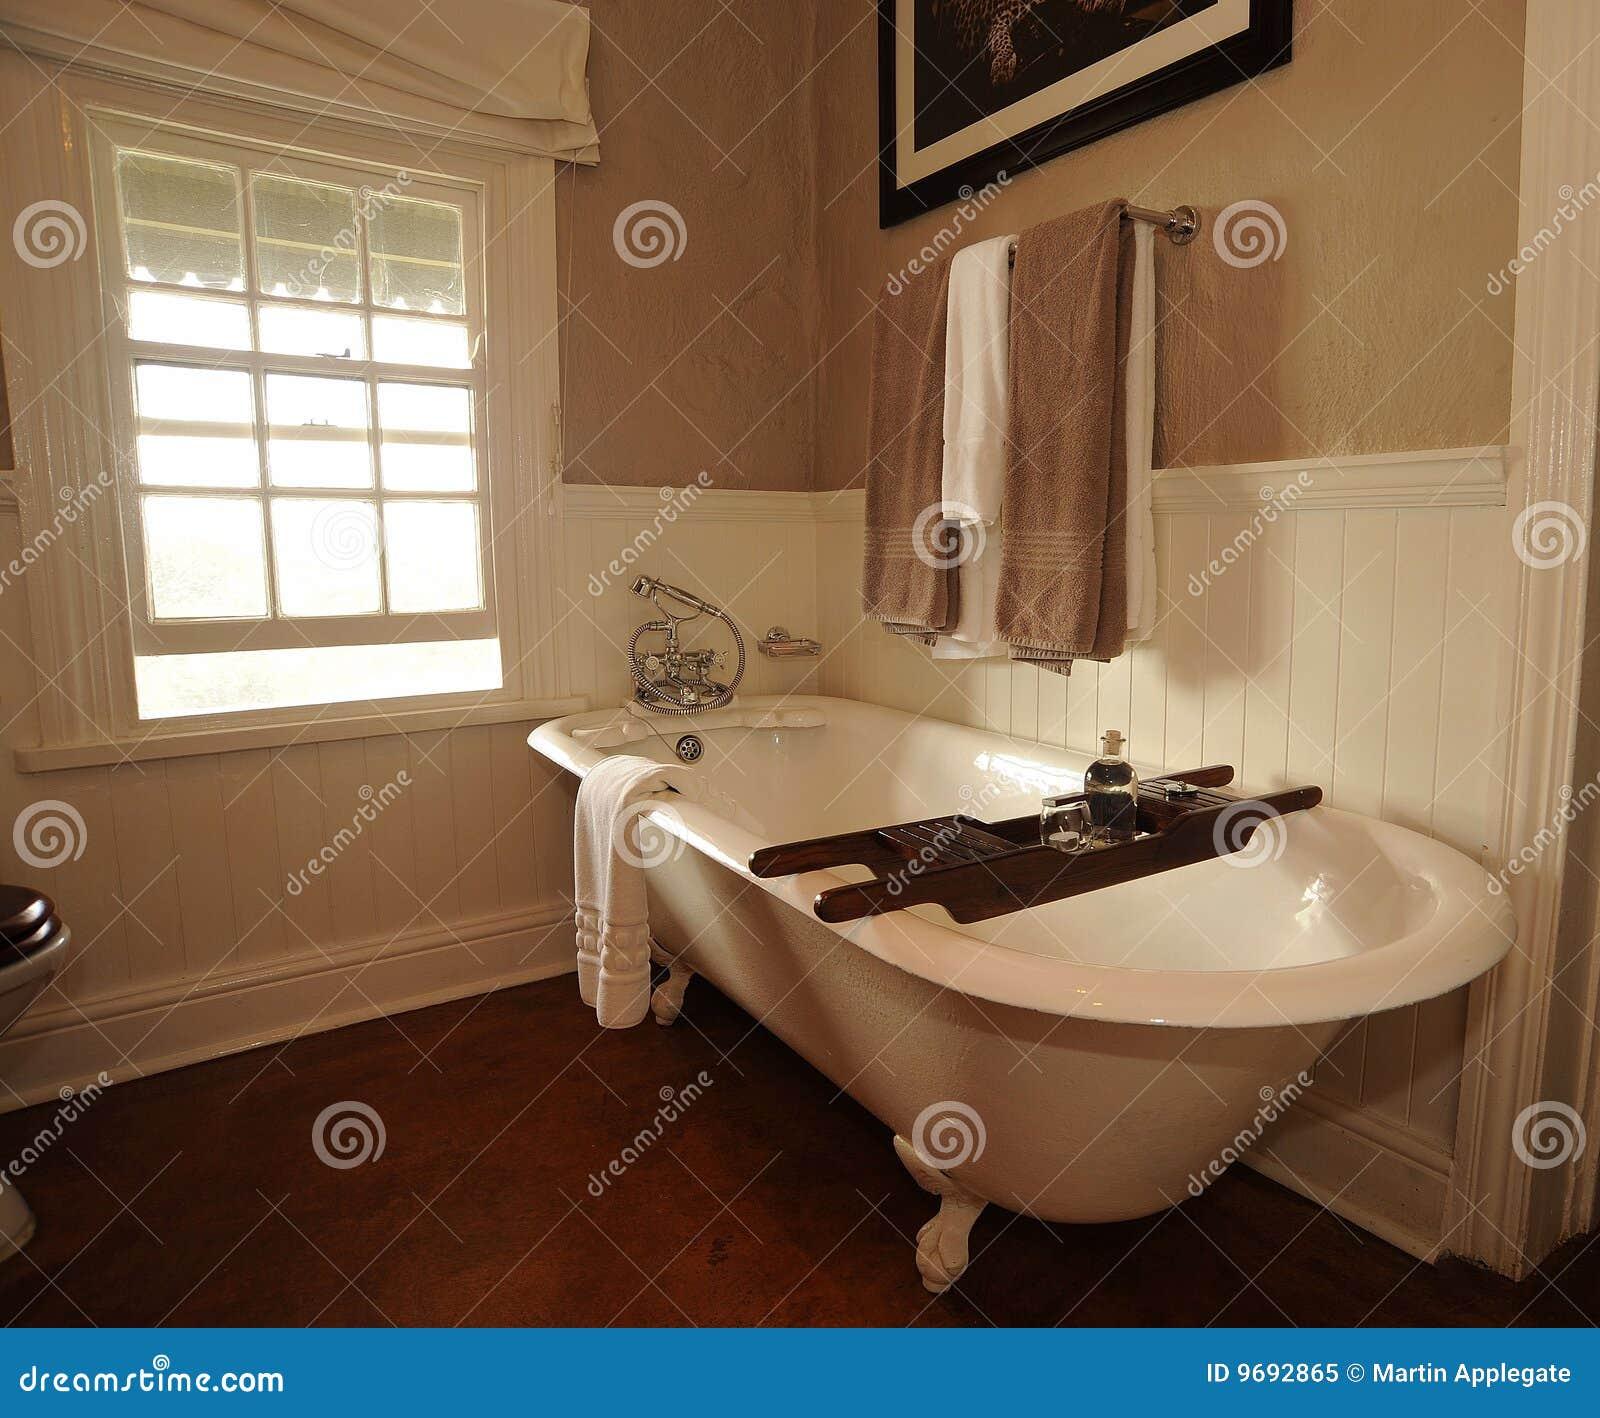 Banheiro Com Banheira Foto de Stock Royalty Free  Imagem 9692865 -> Arquitetura De Banheiro Com Banheira